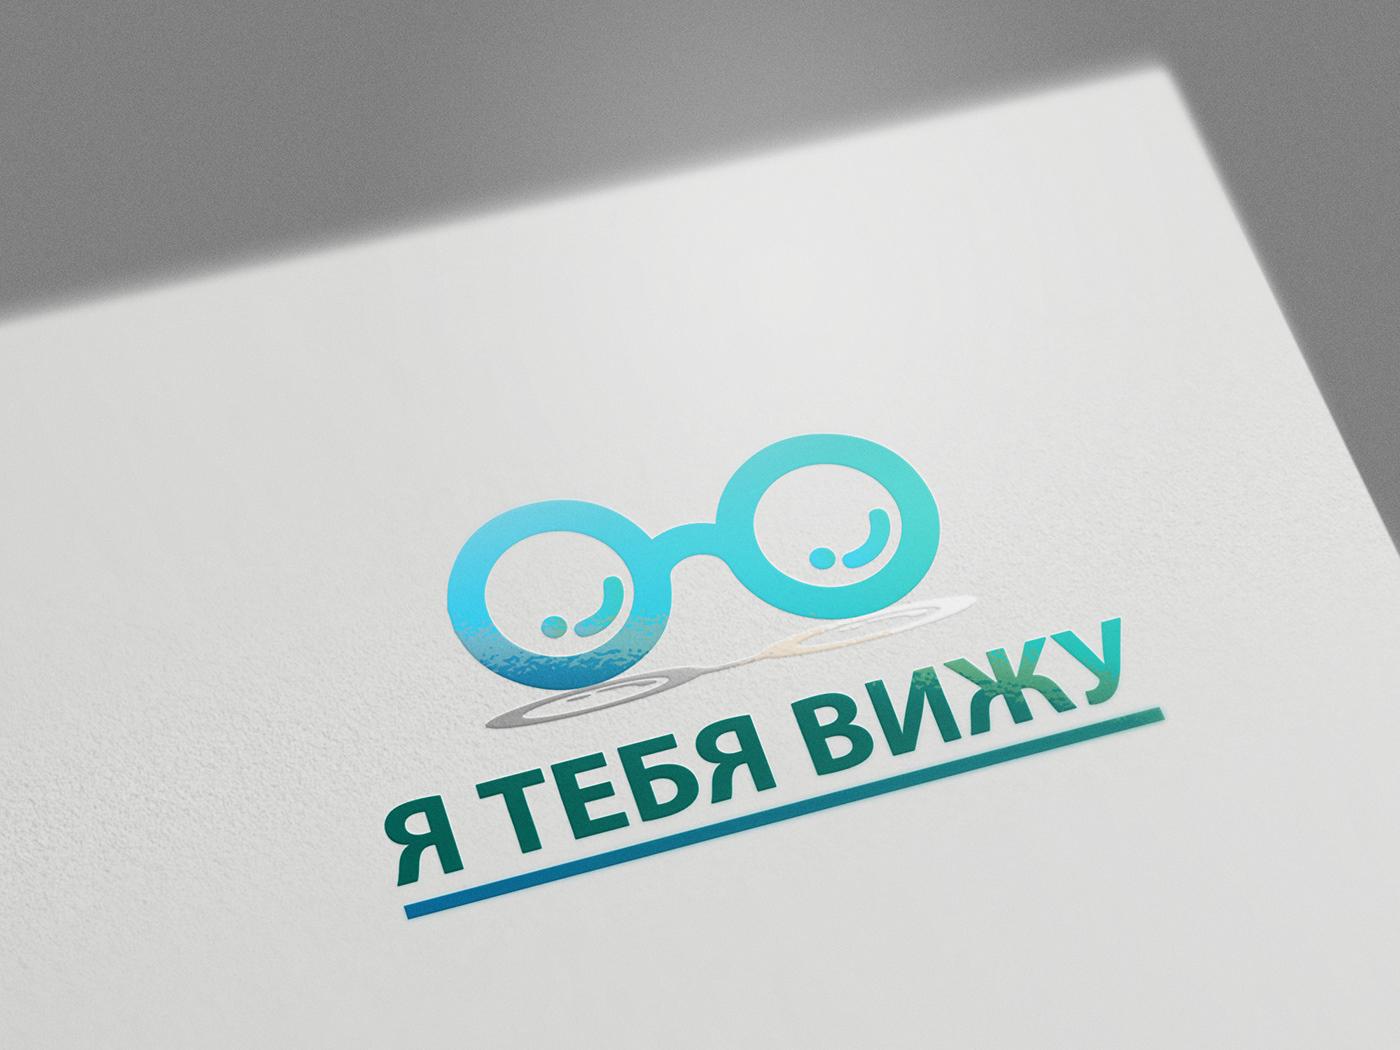 Image may contain: logo, trademark and screenshot